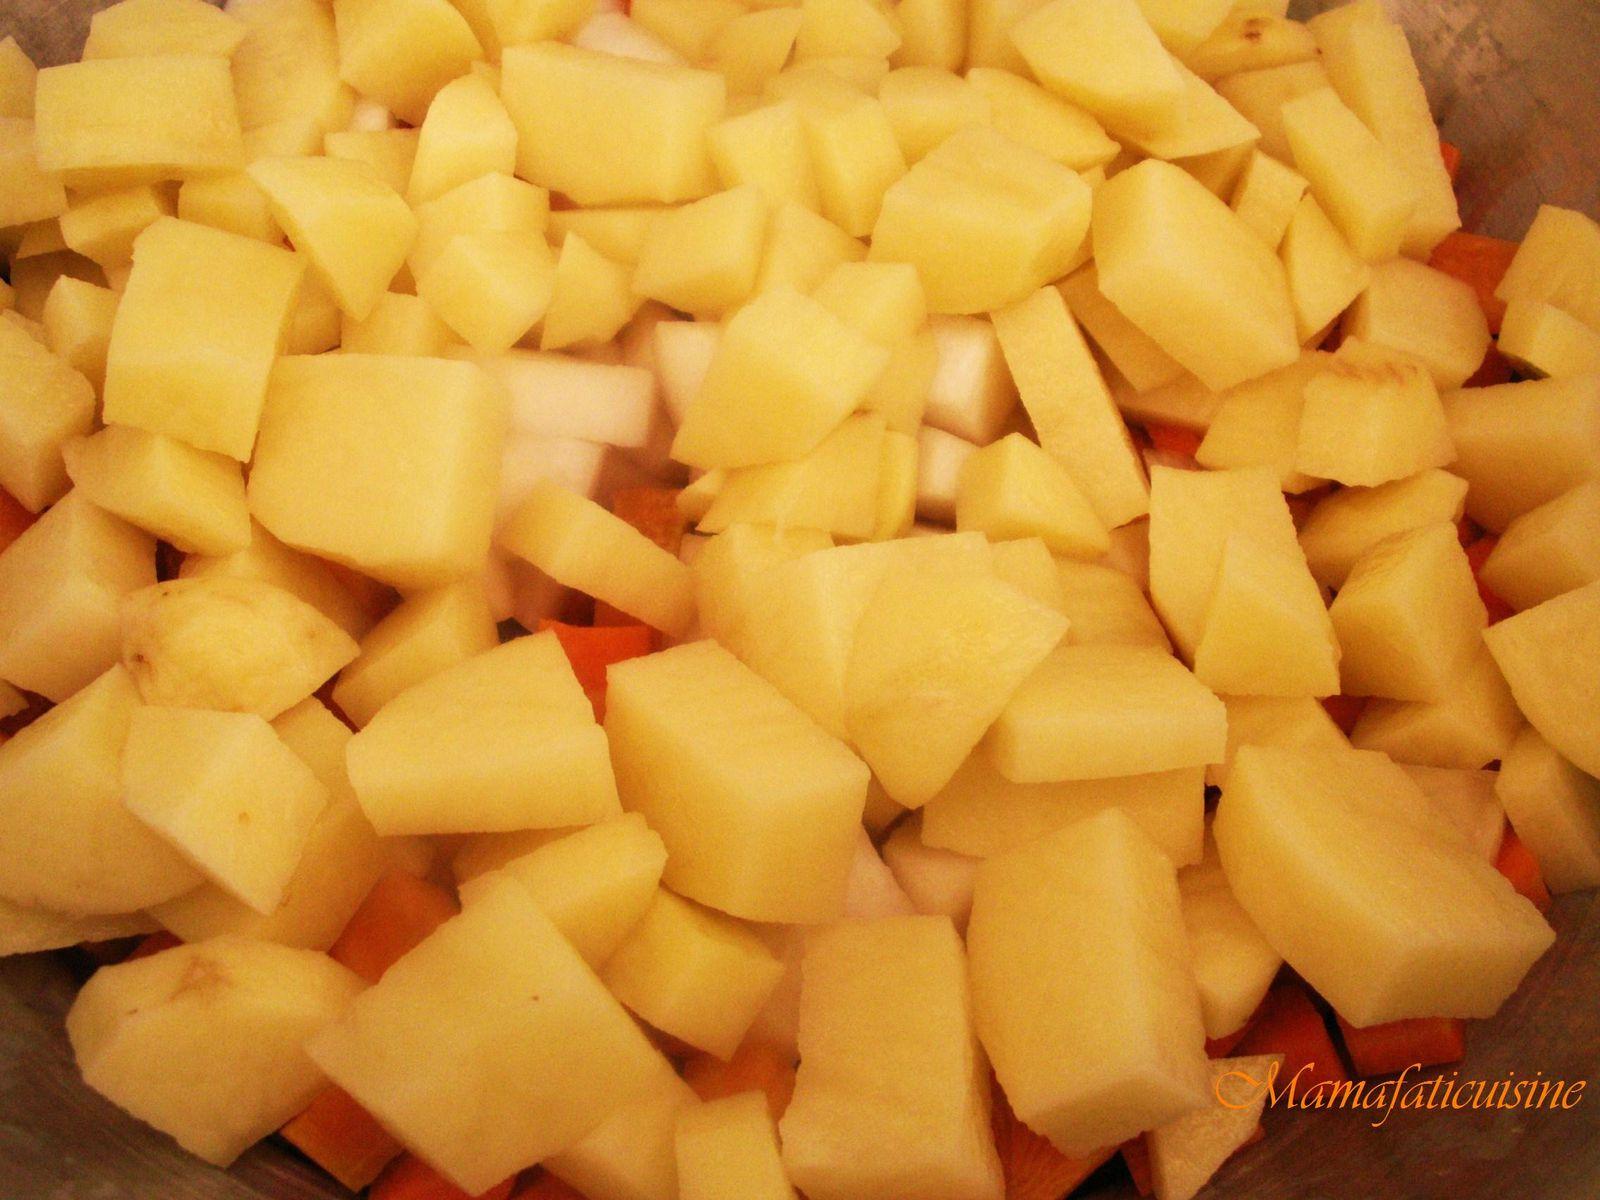 http://idata.over-blog.com/3/29/60/55/entrees/carottes-pommes-de-terre-et-navets-a-la-vapeur-copie-1.JPG